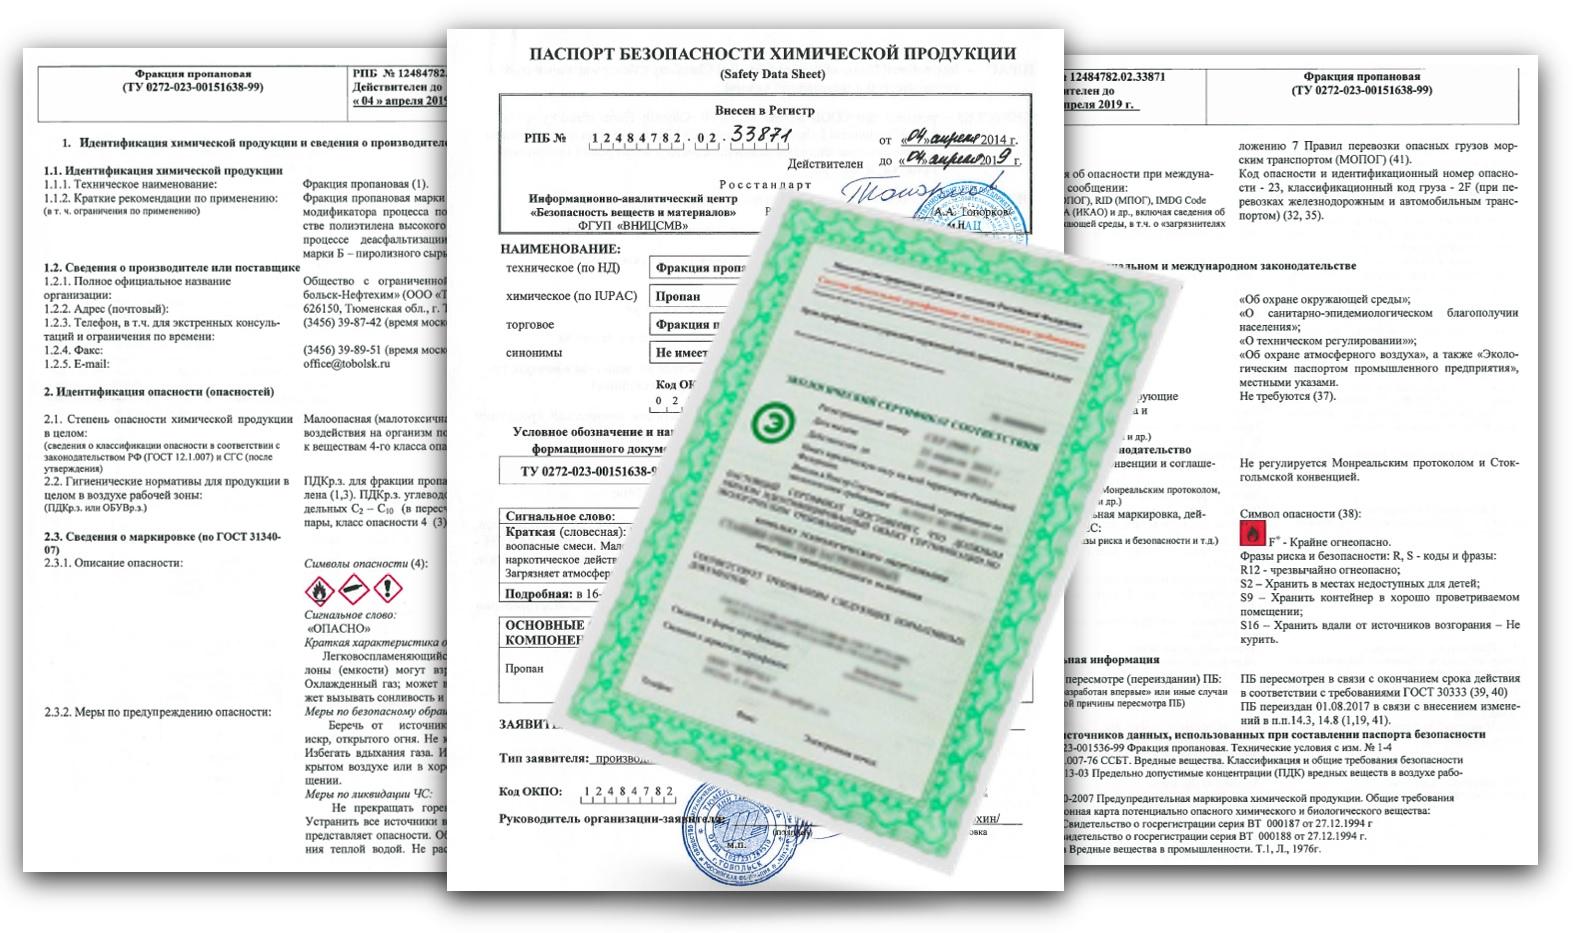 паспорта безопасности